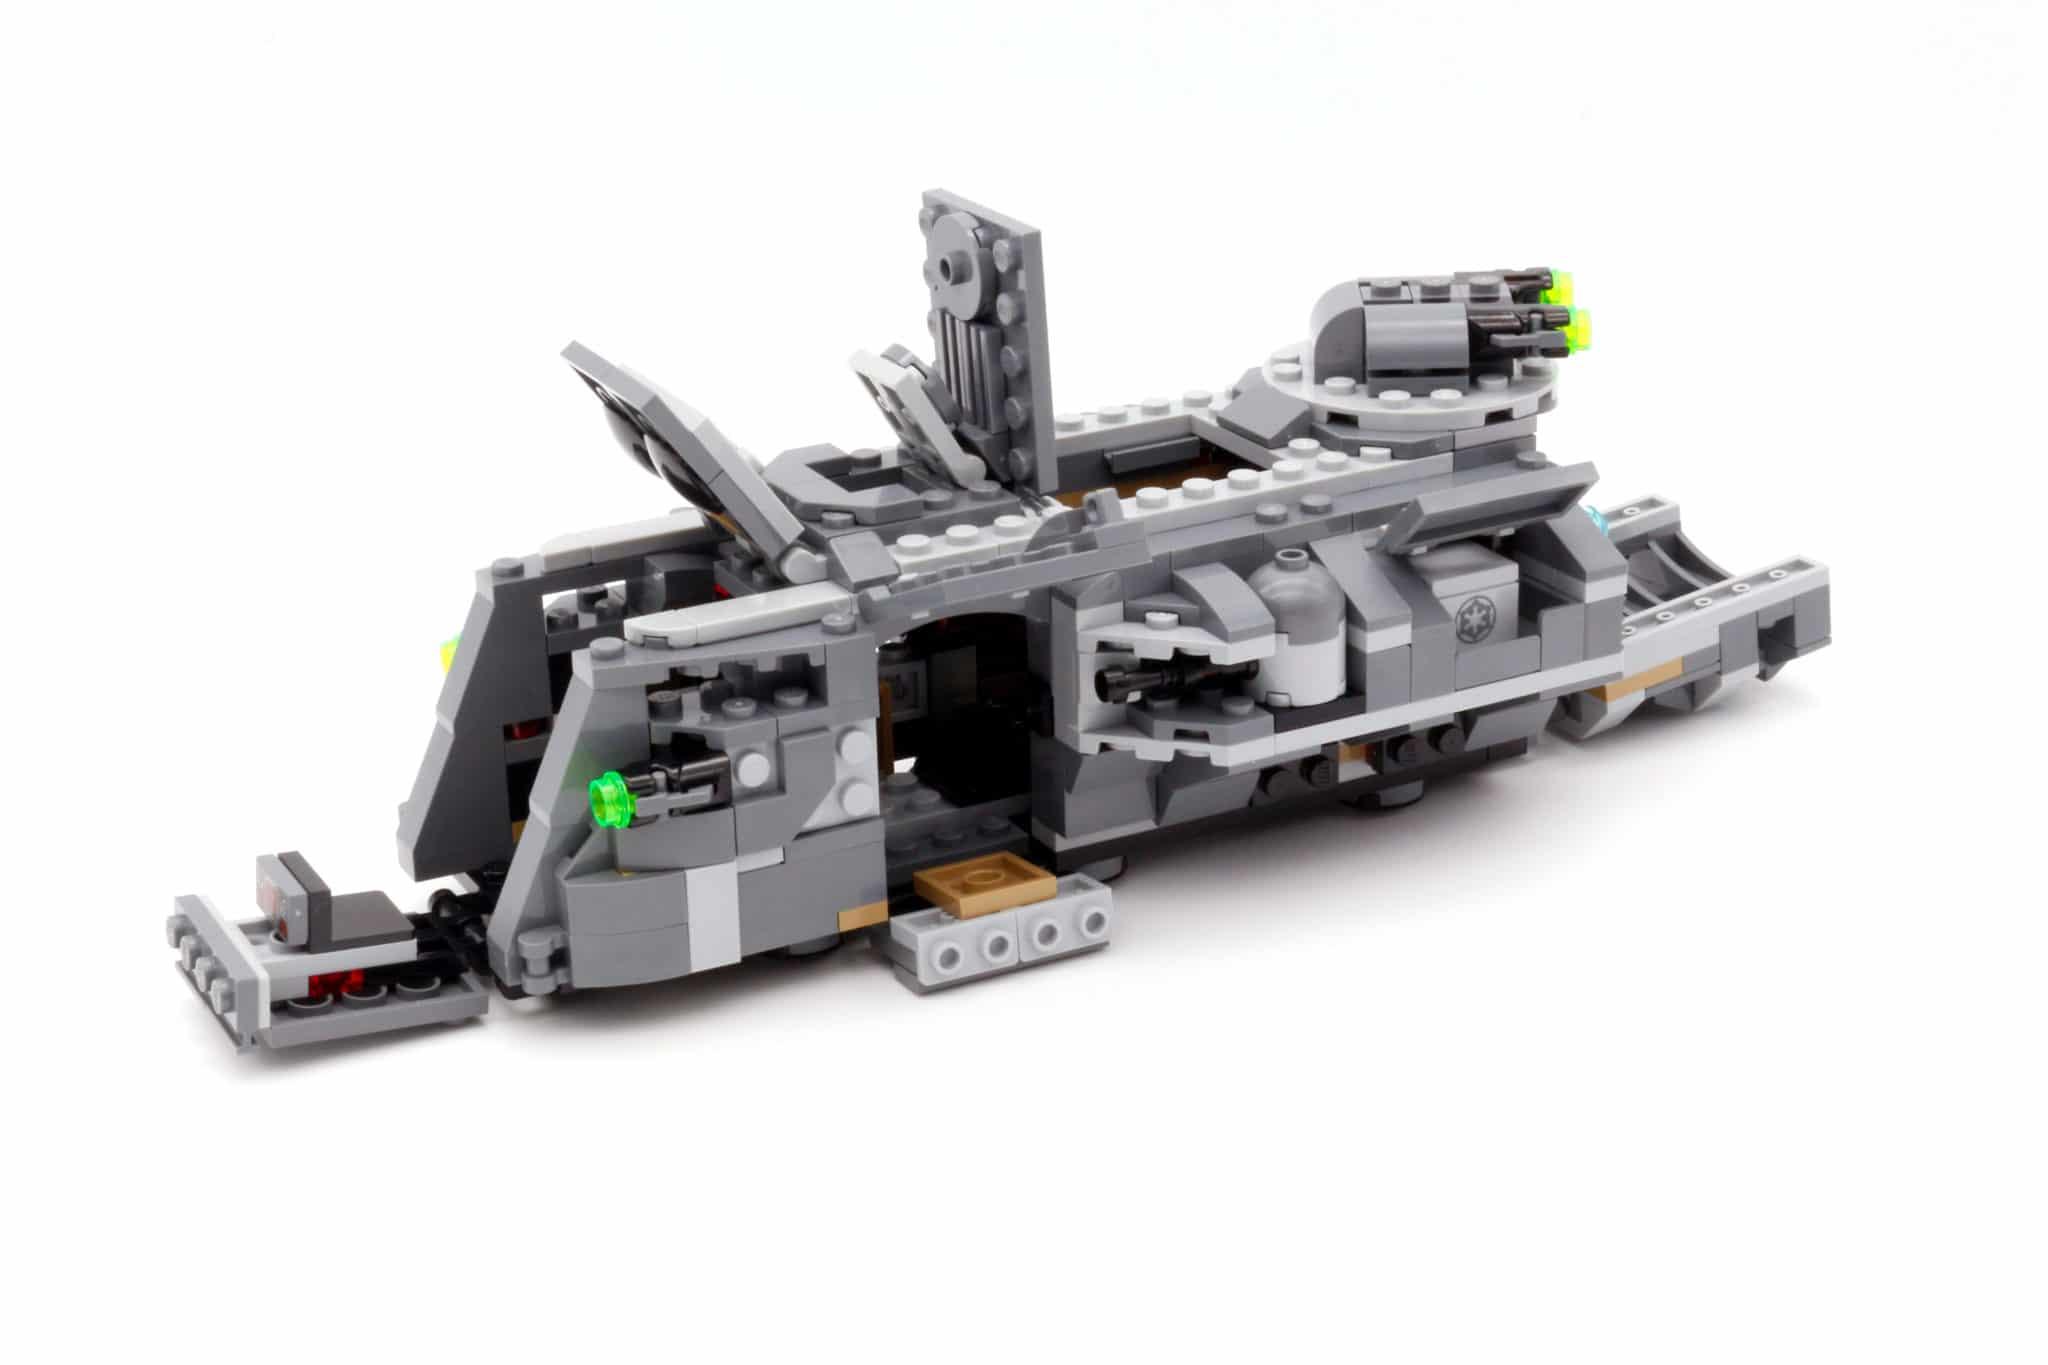 LEGO Star Wars 75311 Imperial Marauder 23